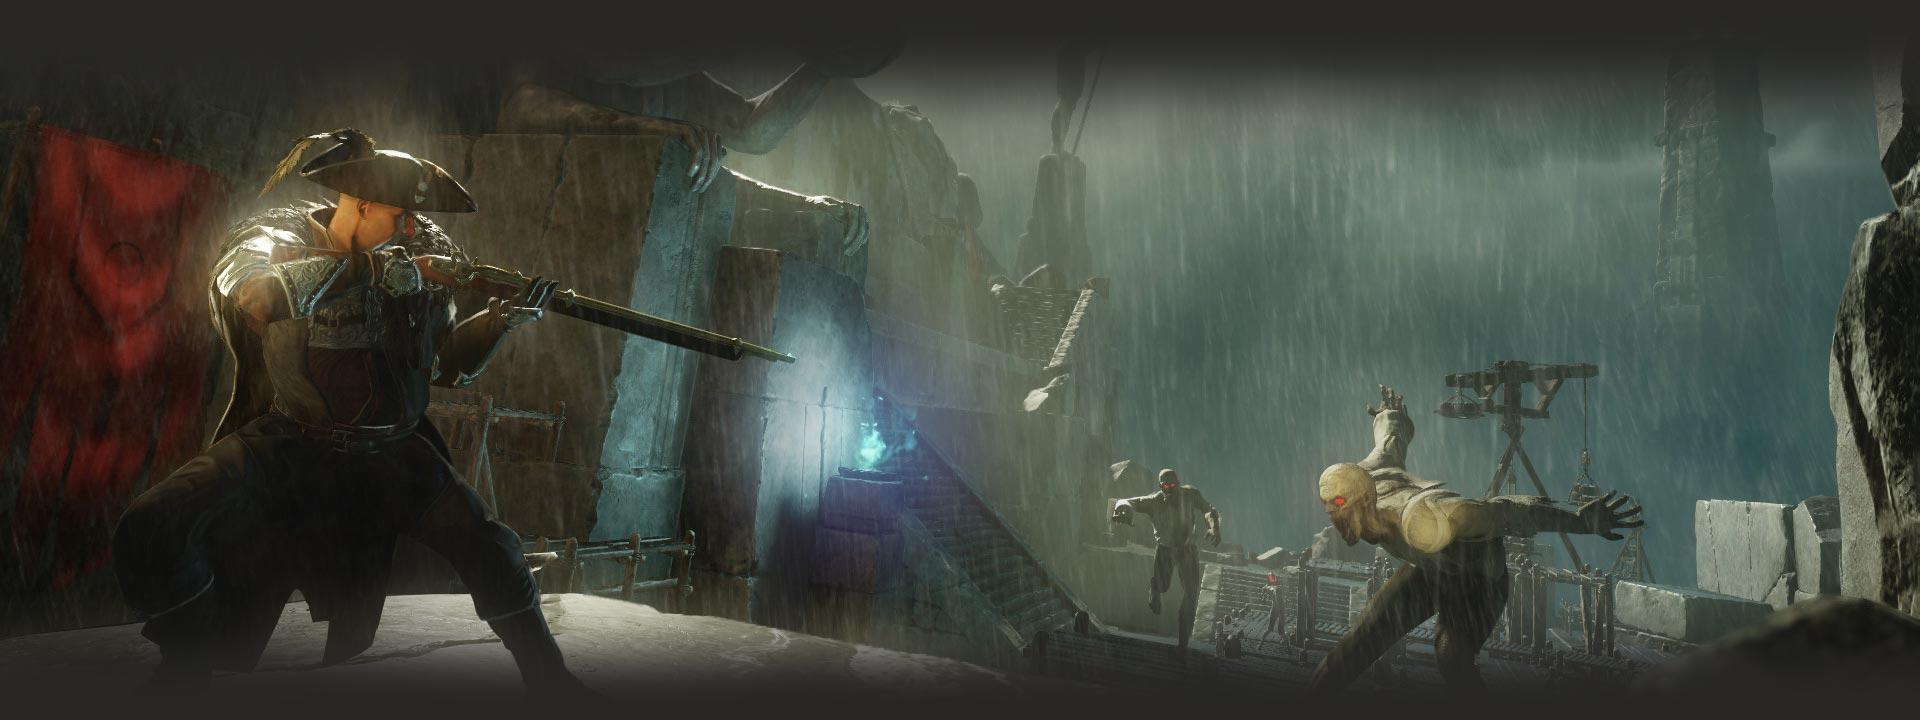 Un explorador se detiene para disparar a los no muertos que lo persiguen por ruinas antiguas